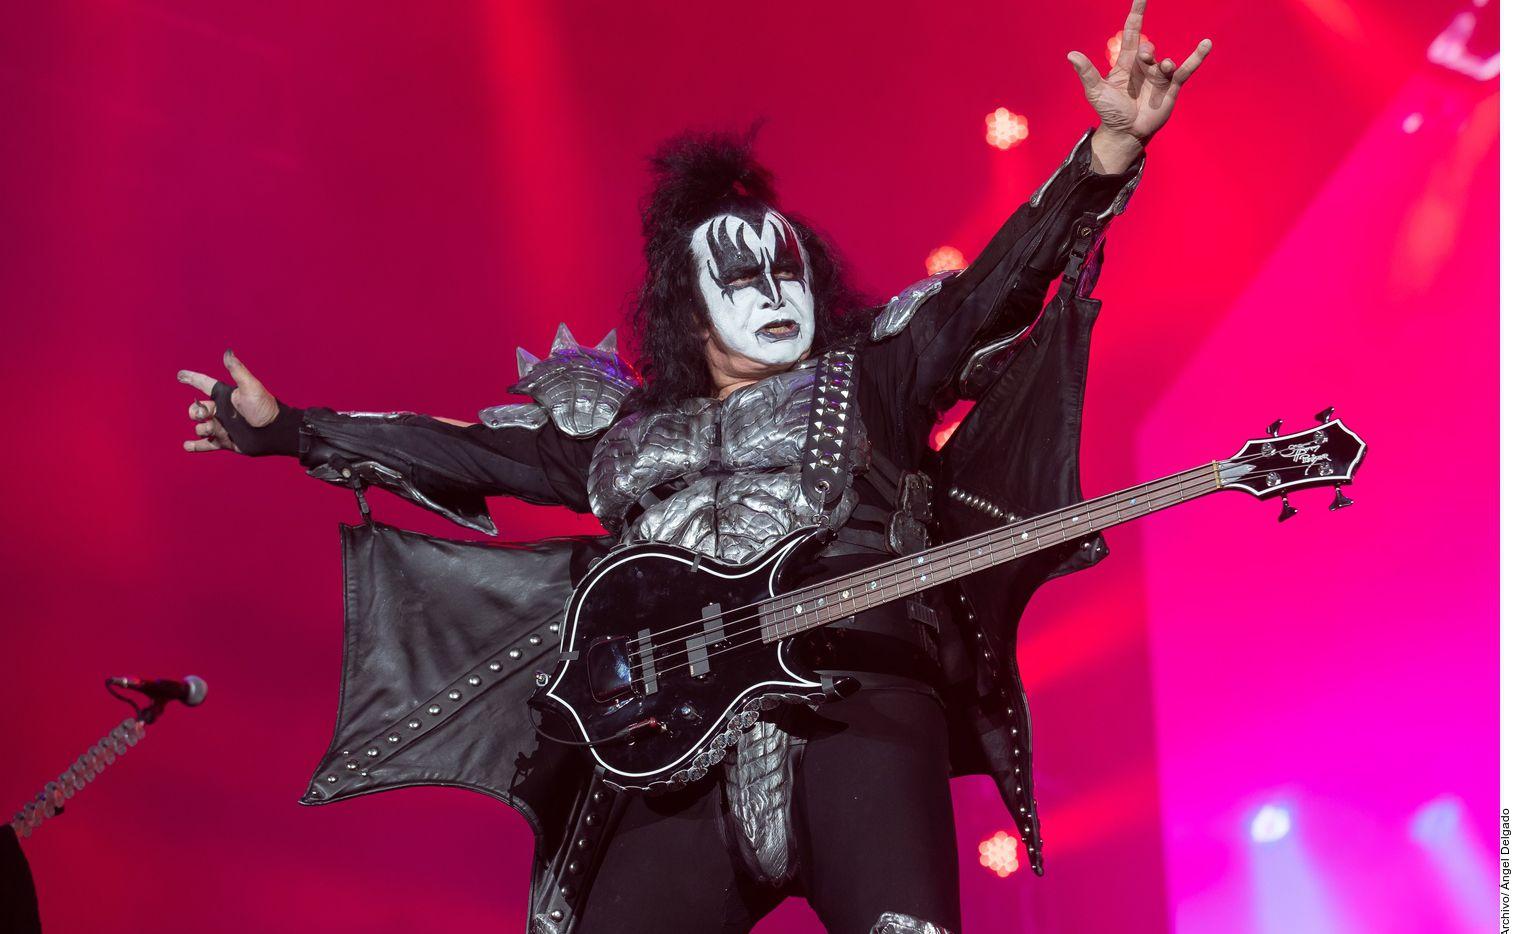 La legendaria banda de rock KISS pospuso las próximas cuatro fechas de su gira en Estados Unidos después de que Gene Simmons, el legendario bajista y uno de los vocalistas del grupo, diera positivo a coronavirus.